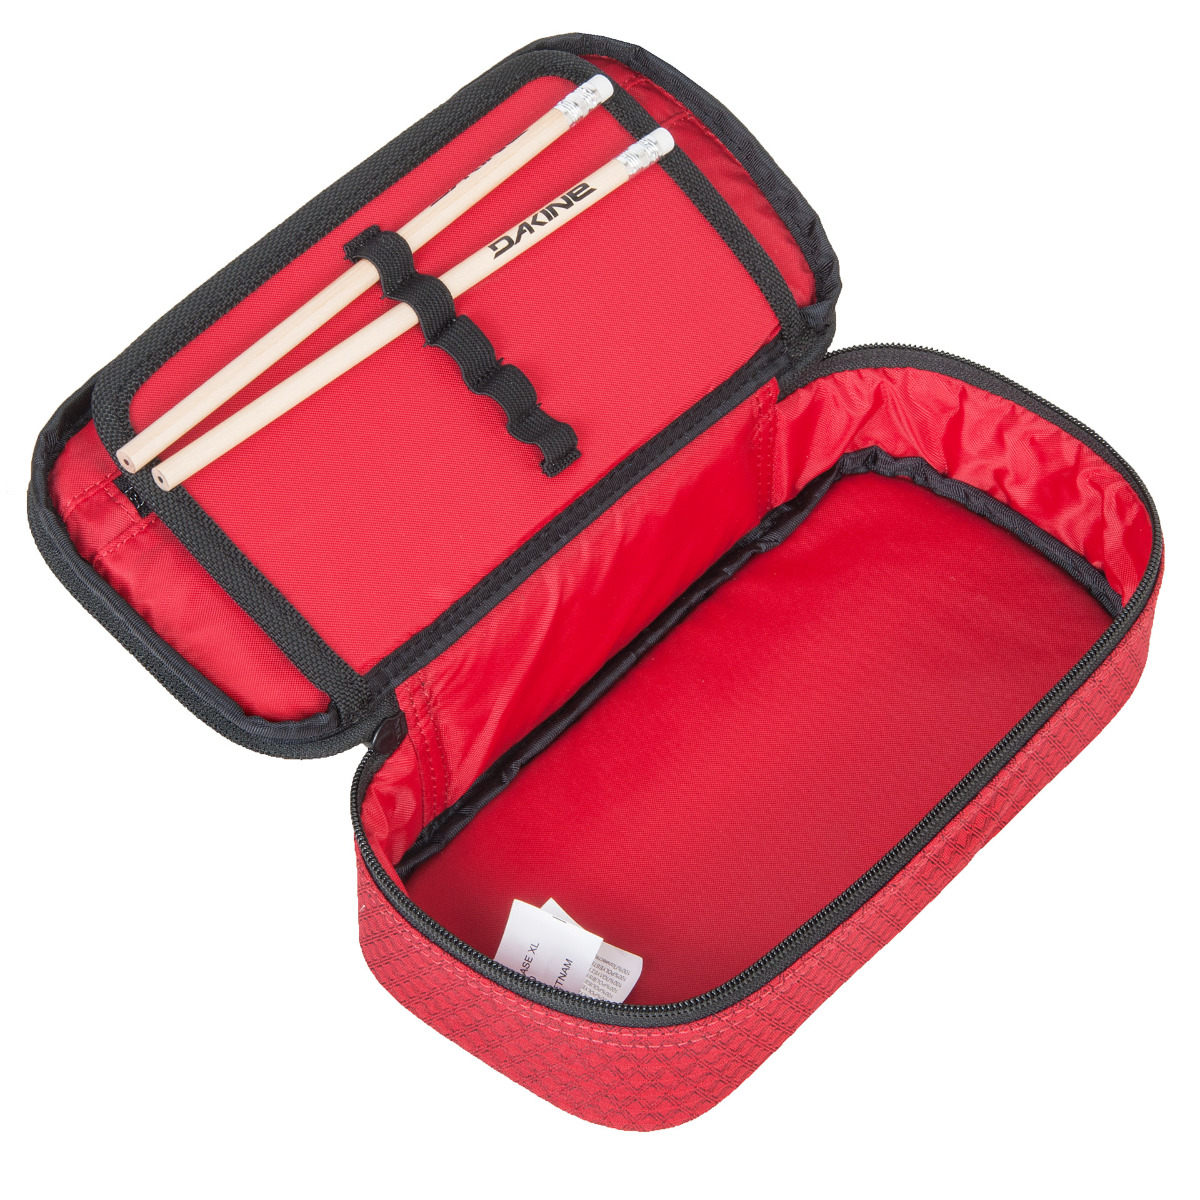 Dakine School Case XL Crimson Red Či už potrebujete peračník do školy, alebo len praktické puzdro na všetky vaše drobnosti, iste vám poslúži jednoduchý, ale priestorný peračník Dakine School Case XL.  zapínanie na zips vnútorné vrecko na zips vnútorné sieťované vrecko so zipsom samostatná chlopňa s organizérom na písacie potreby súčasťou puzdra sú ceruzky a samolepky s logom Dakine